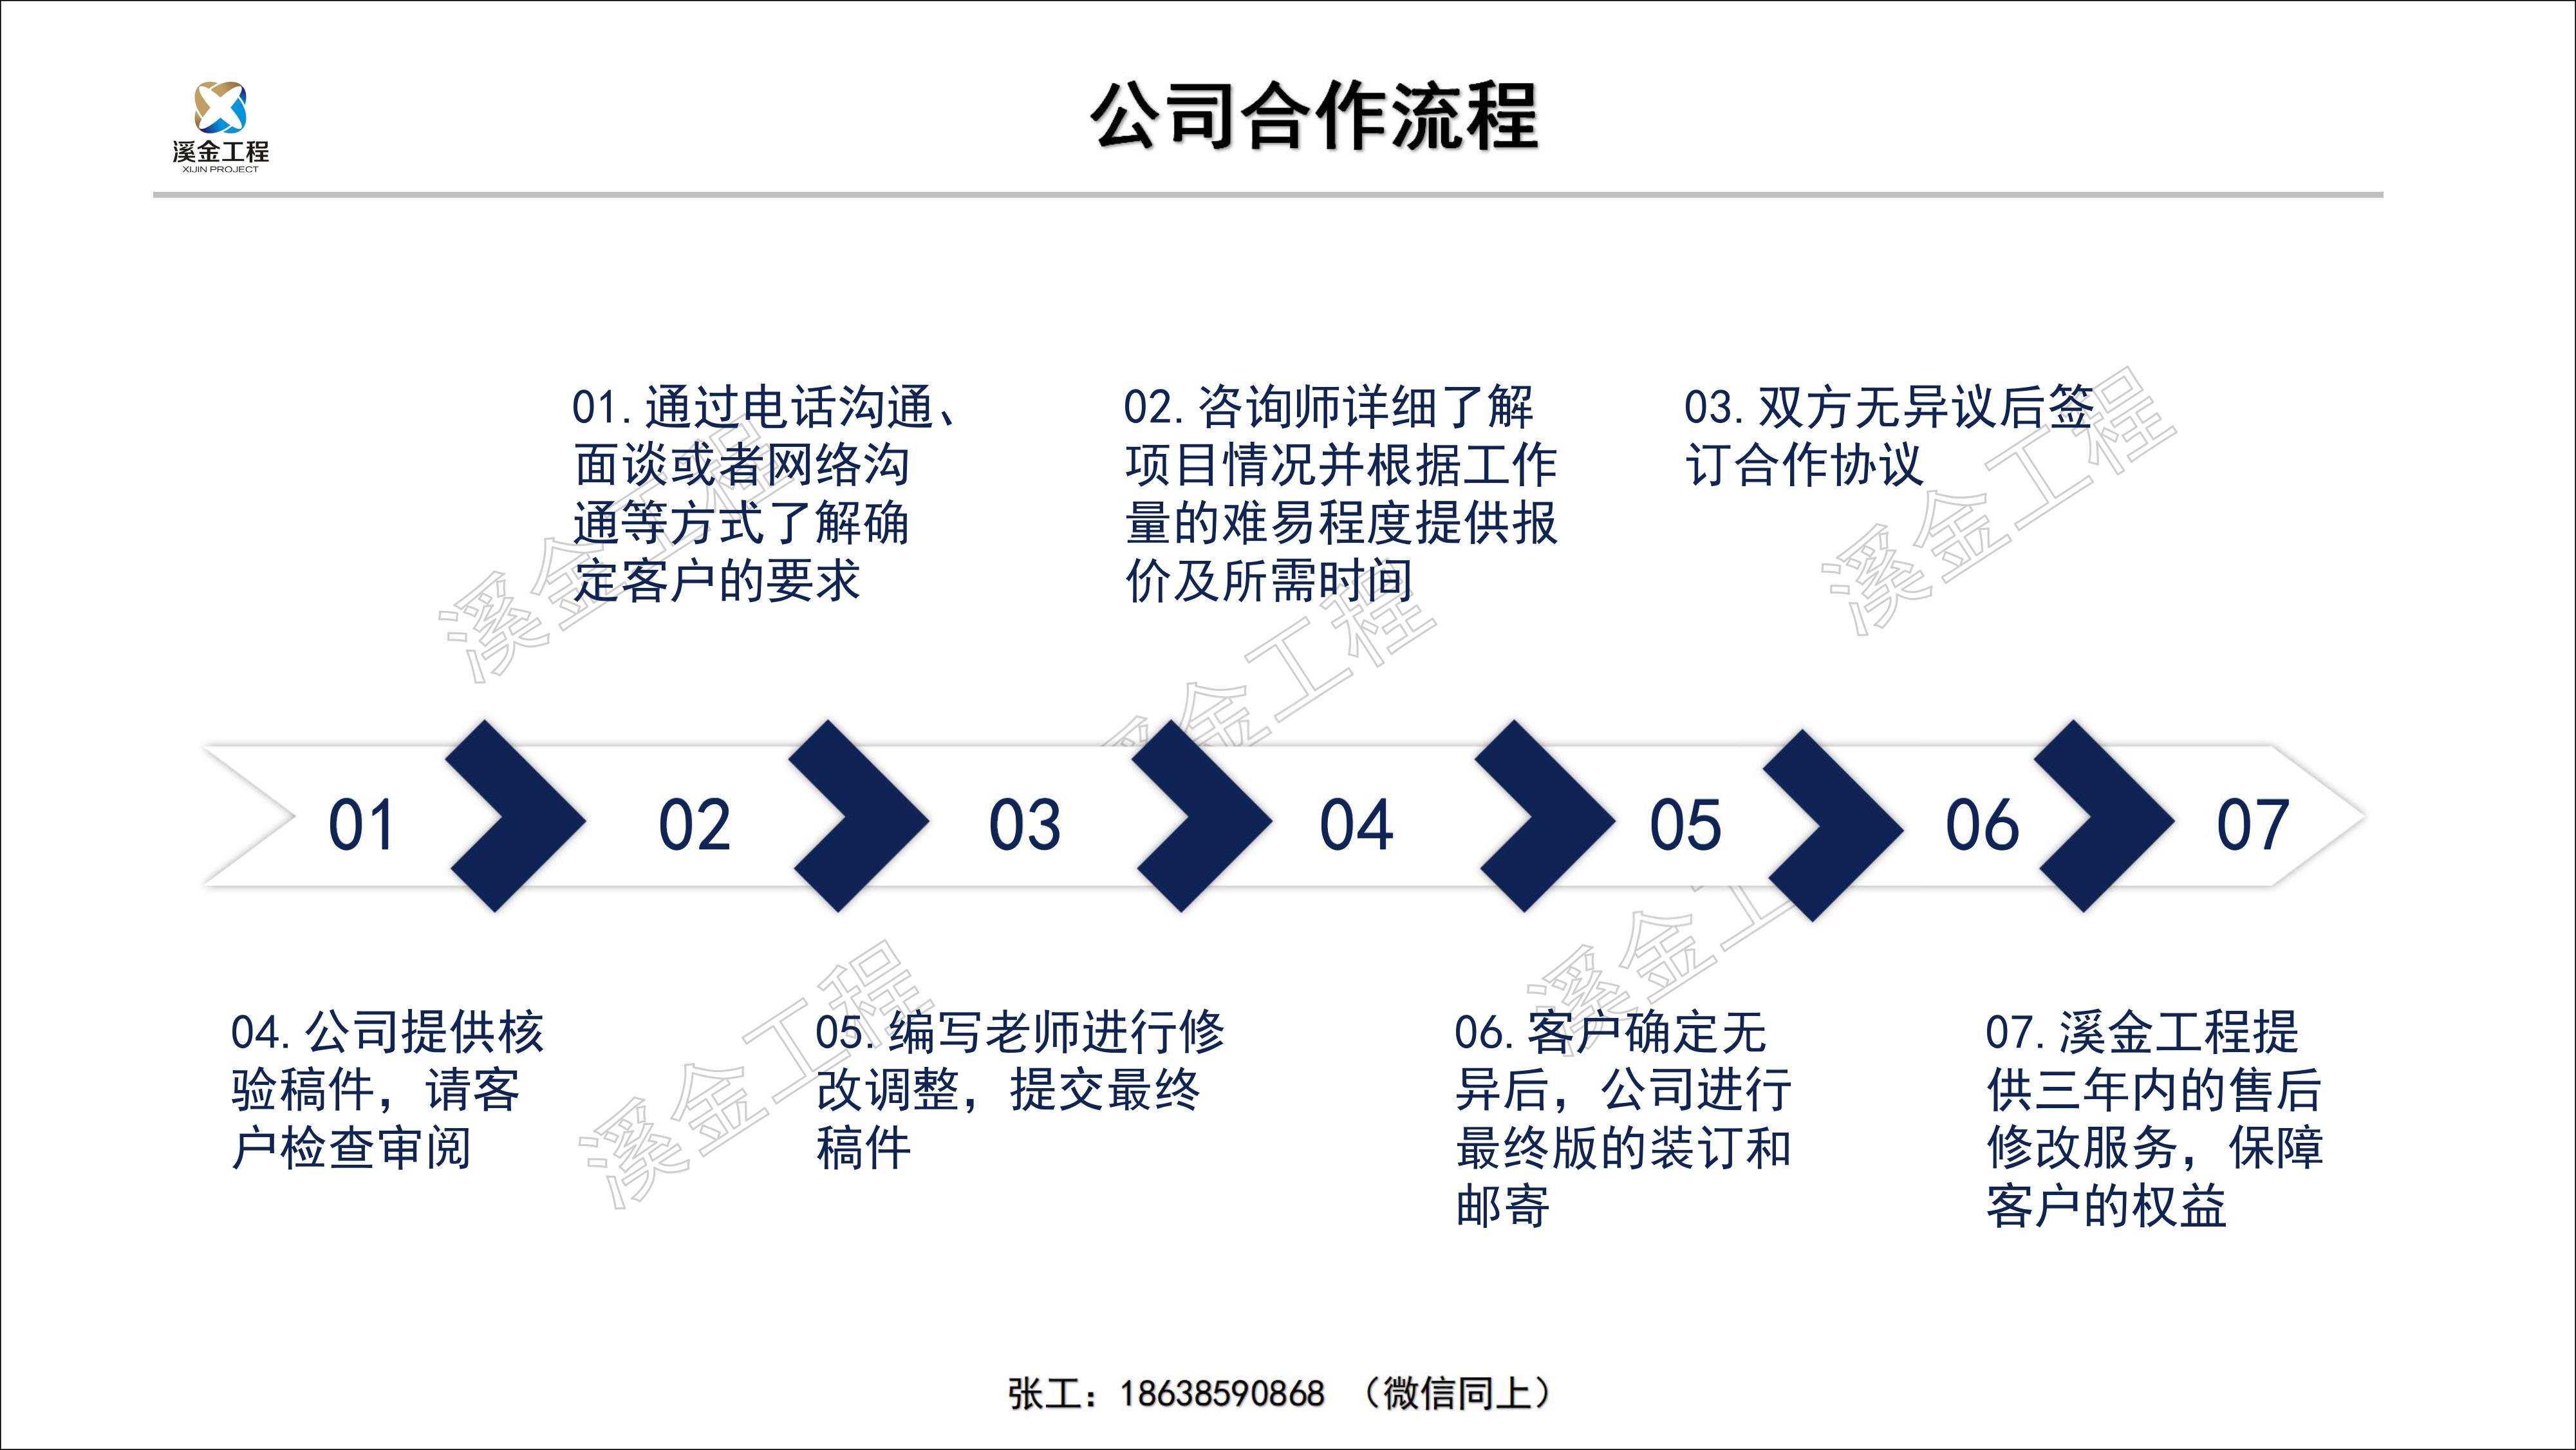 汝城县精编商业计划书-商业计划书模板